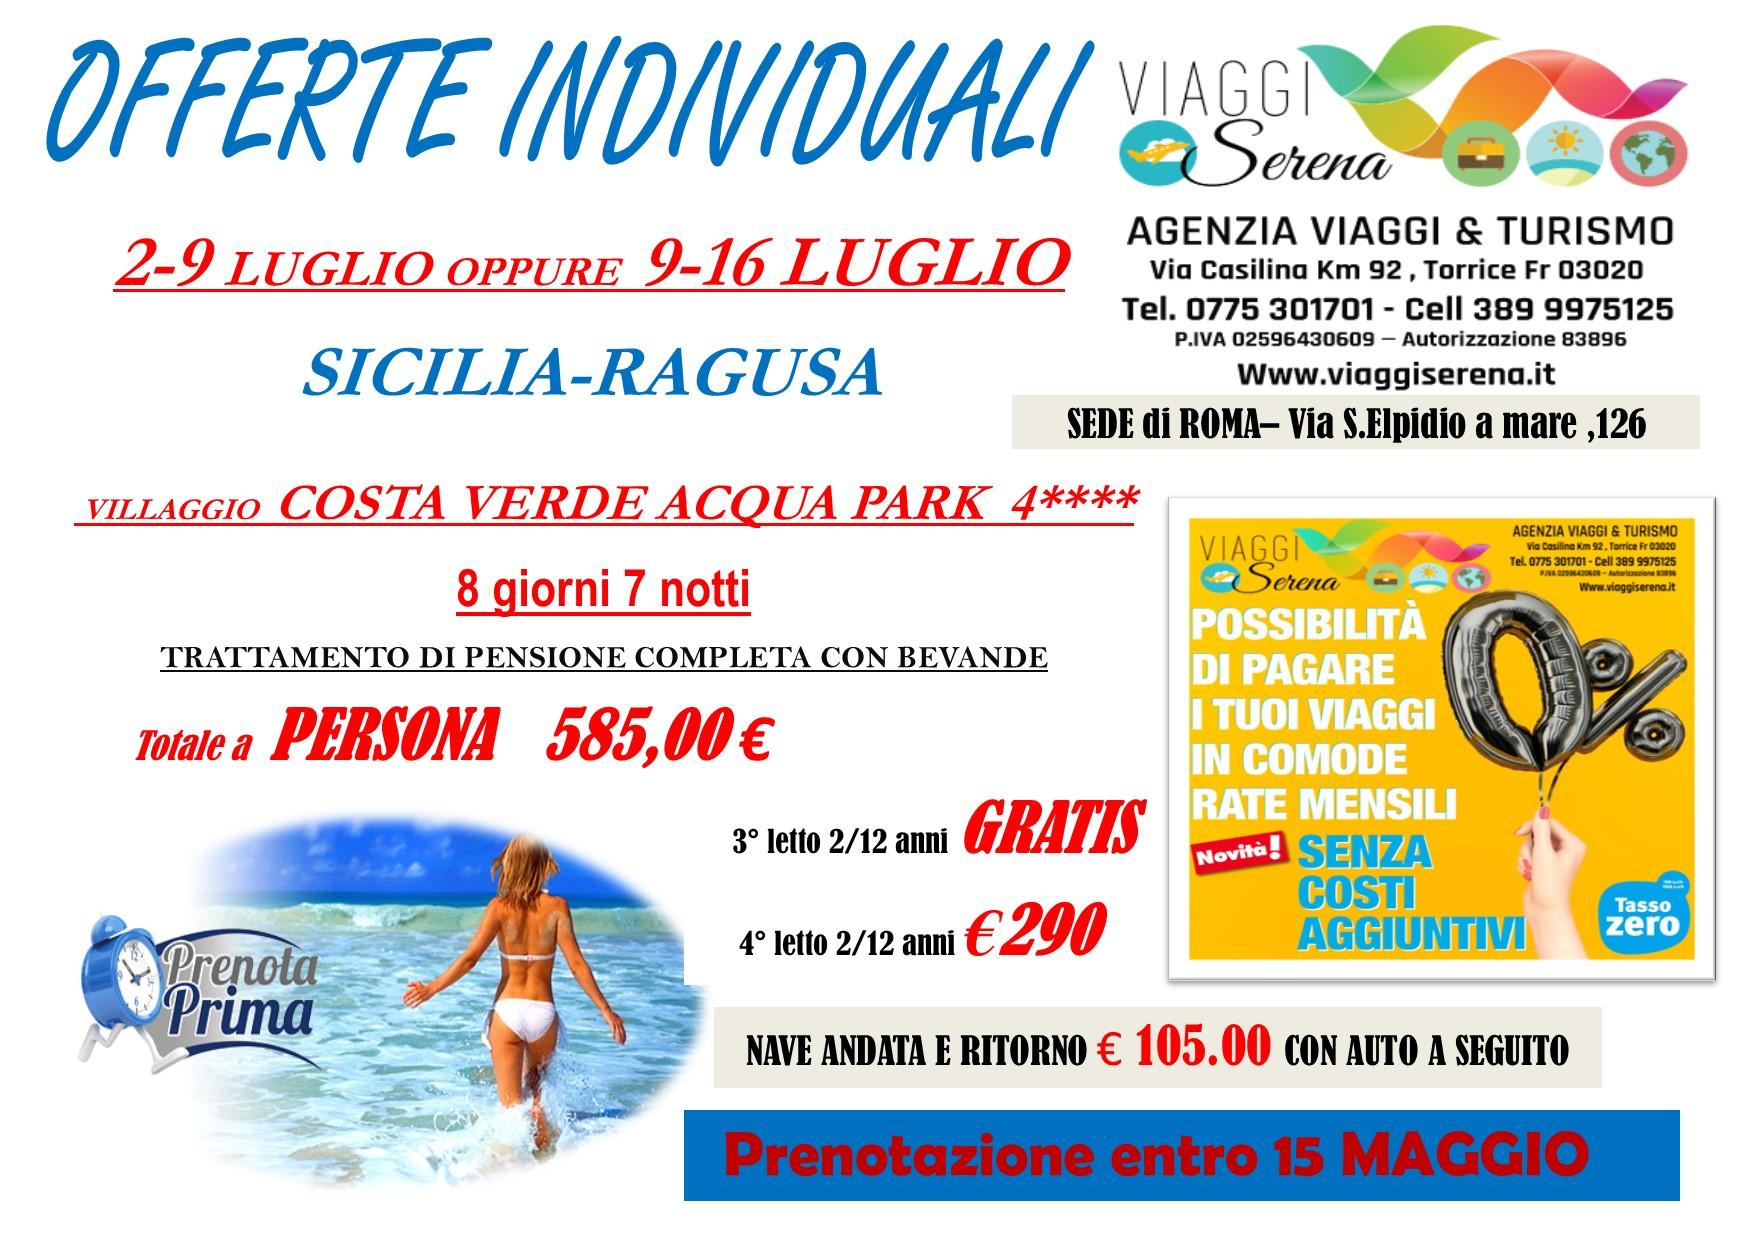 """Offerte Individuali : soggiorno mare con """"prenota prima"""" Sicilia -Cefalu'!!!"""